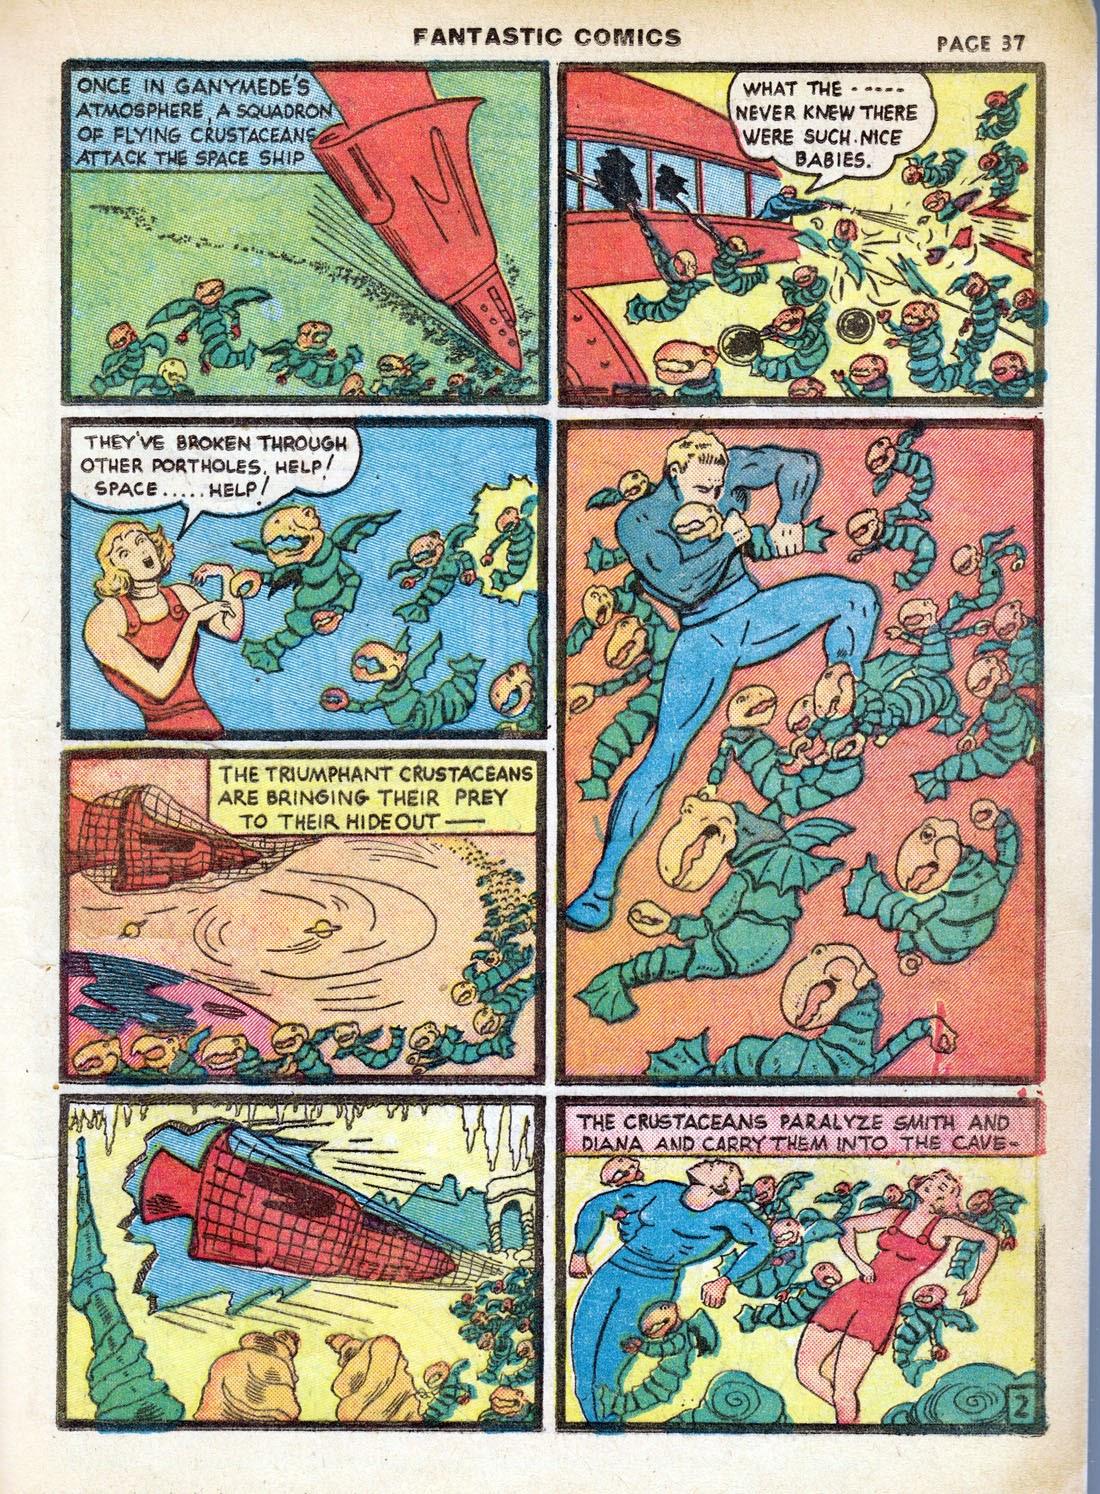 Read online Fantastic Comics comic -  Issue #7 - 39